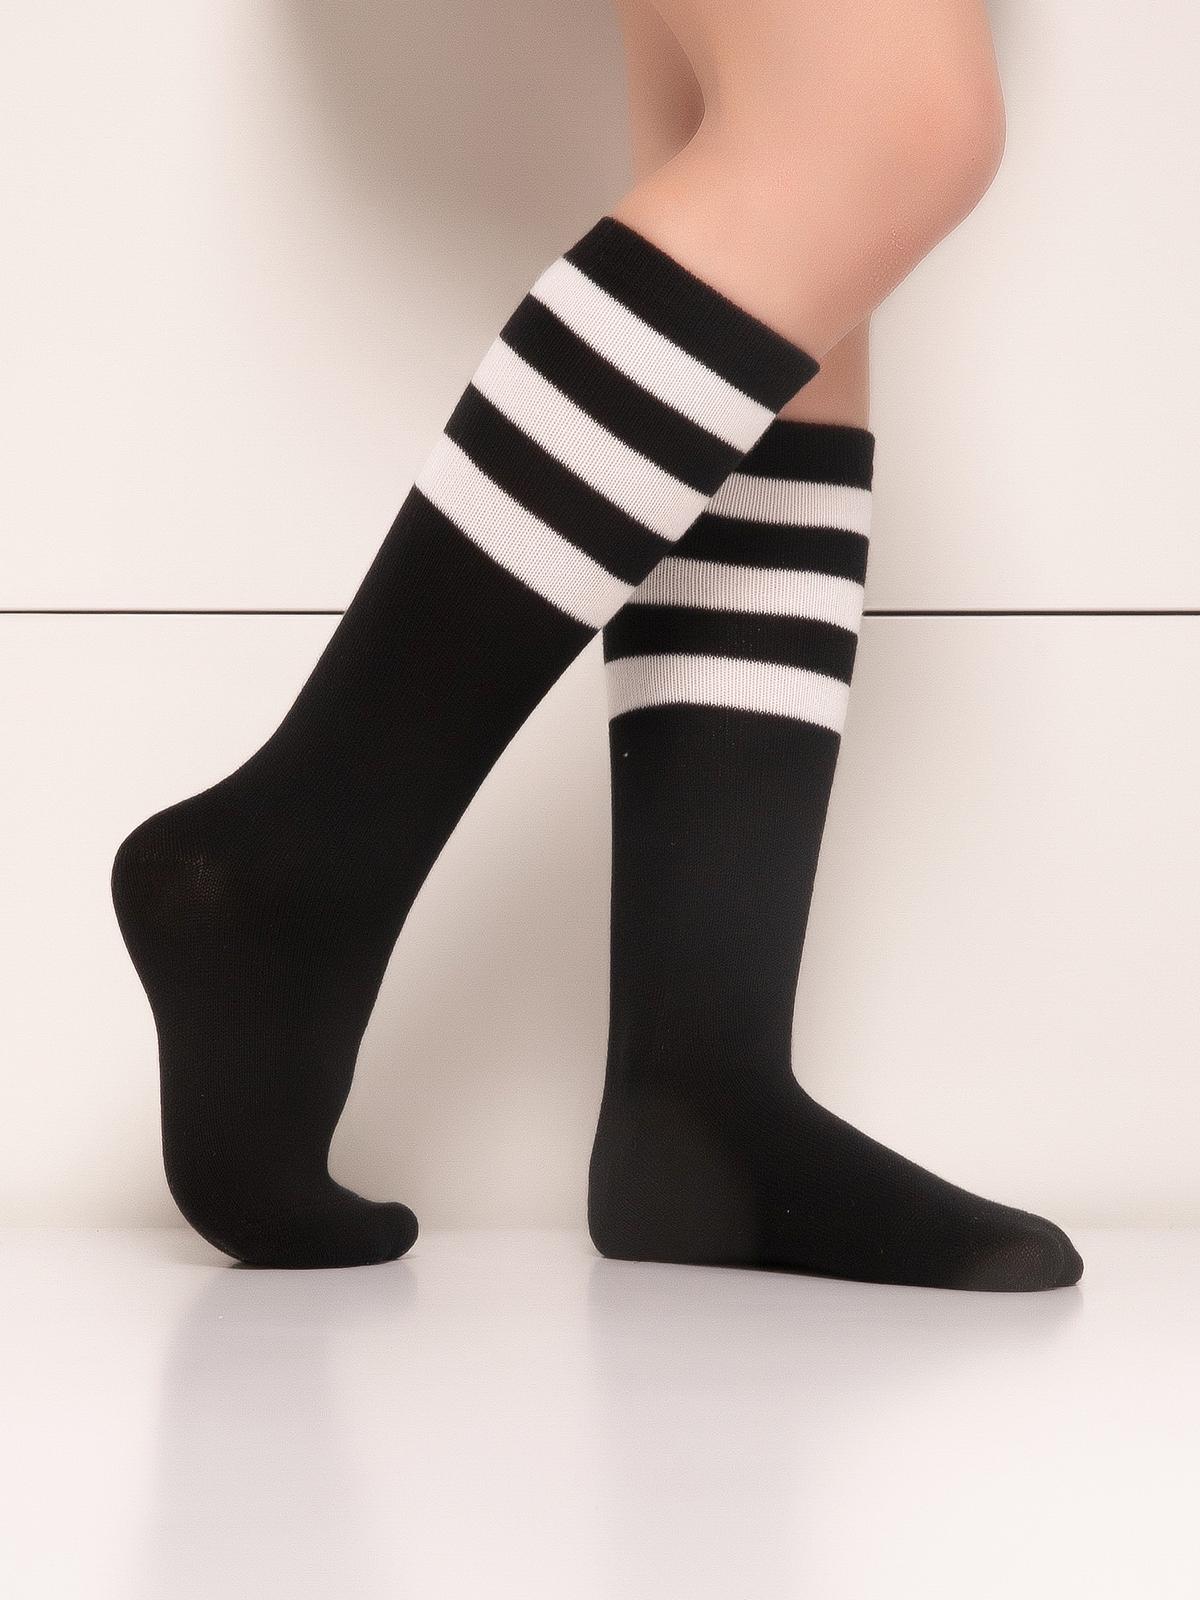 Купить Гольфы детские Hobby Line 4490-1 черный, белые полоски, 10-12, Гольфы для девочек